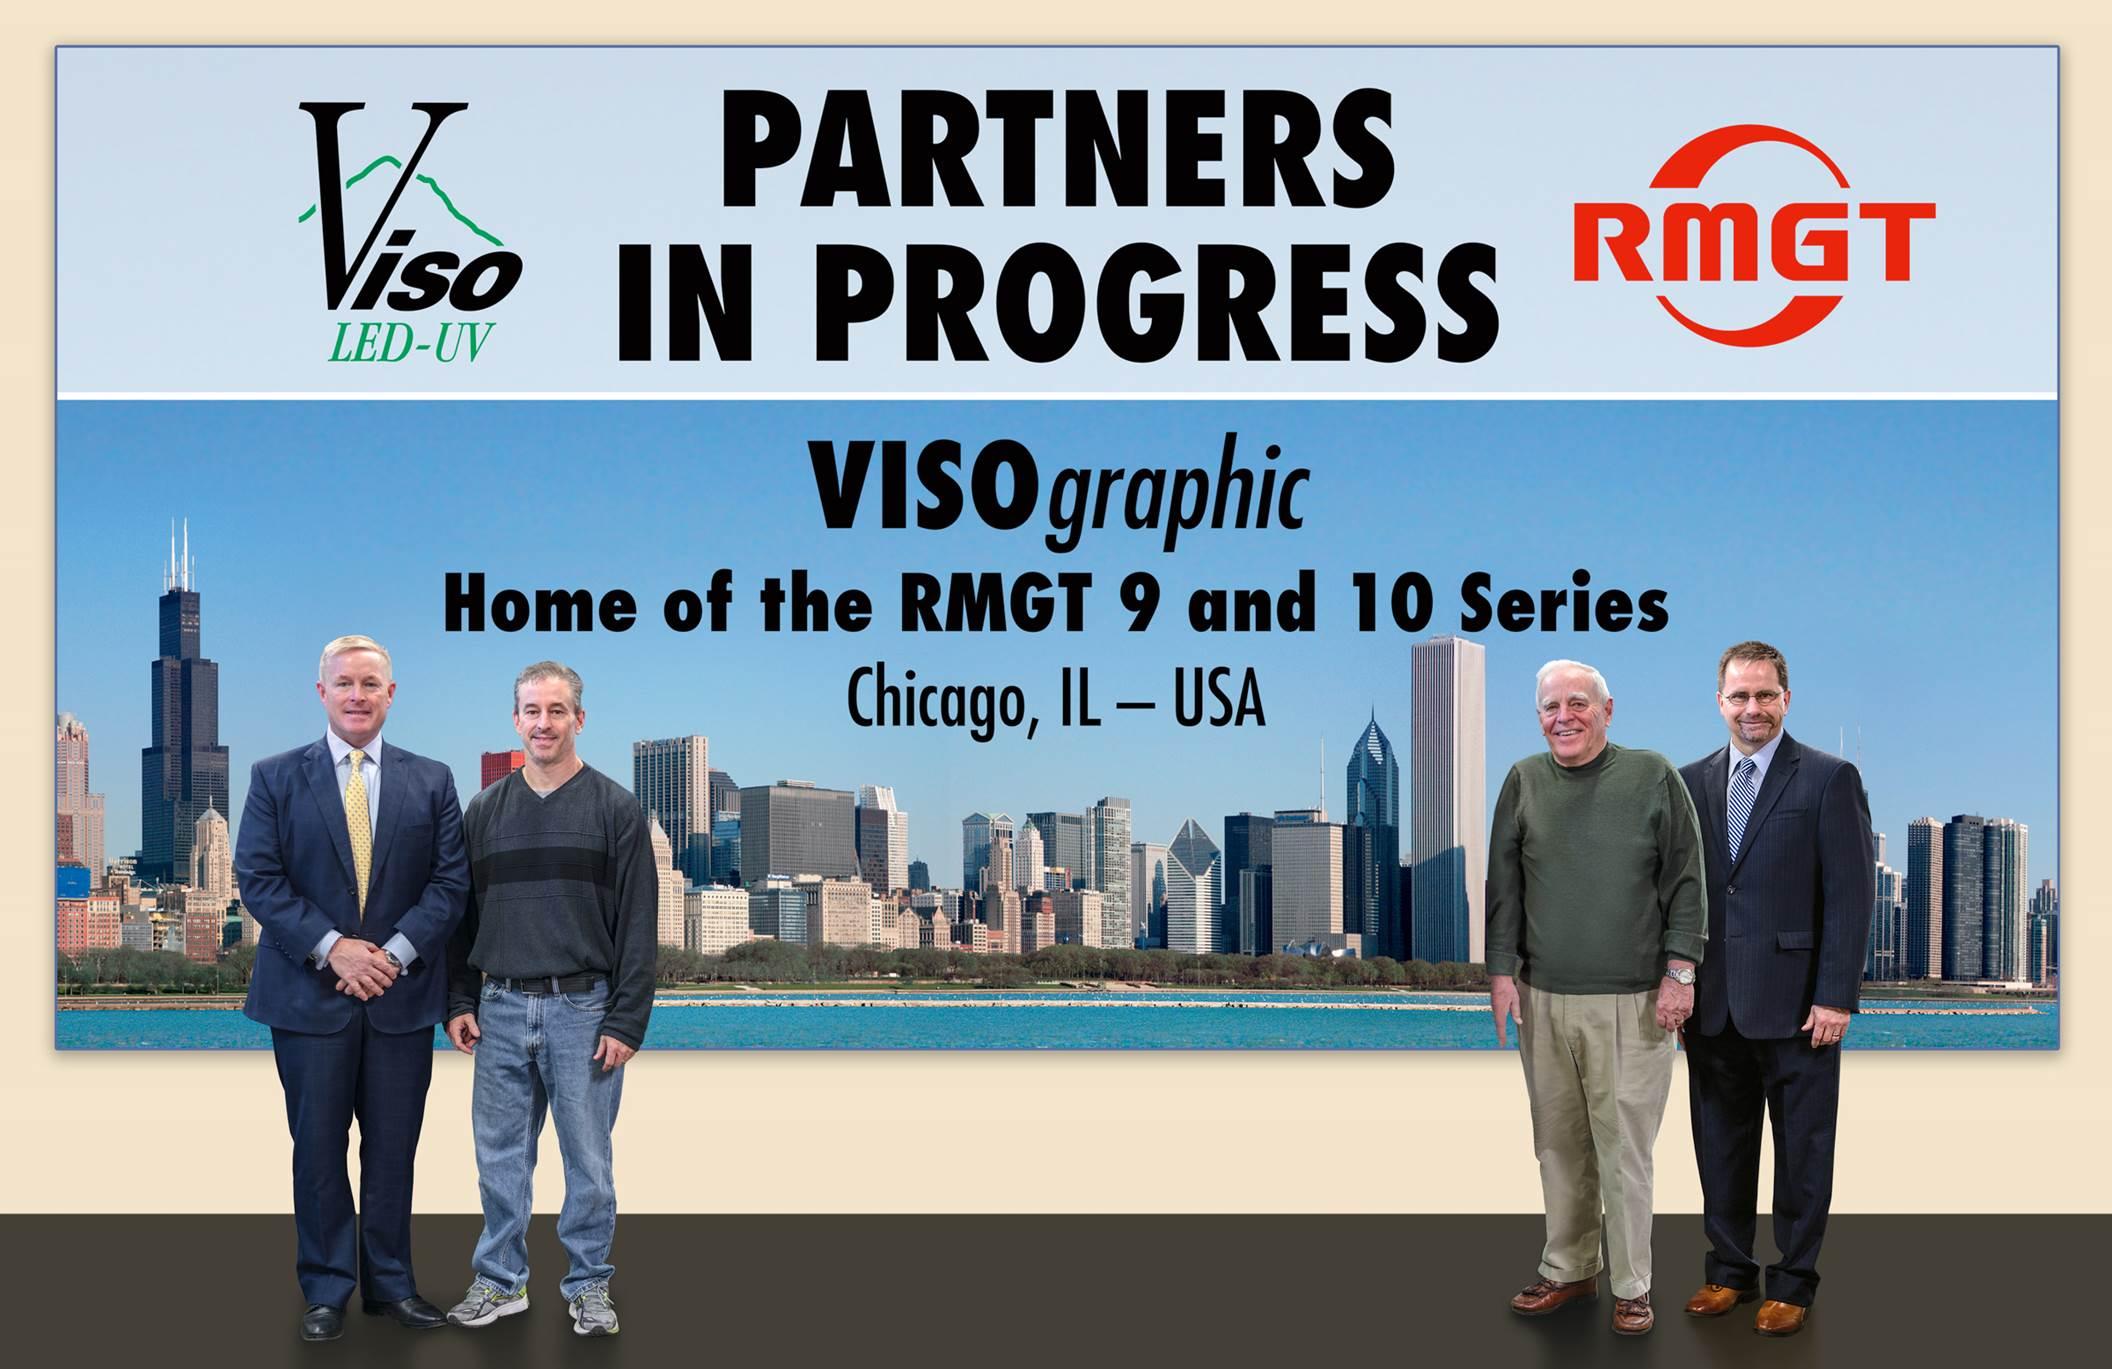 VISOgraphic team